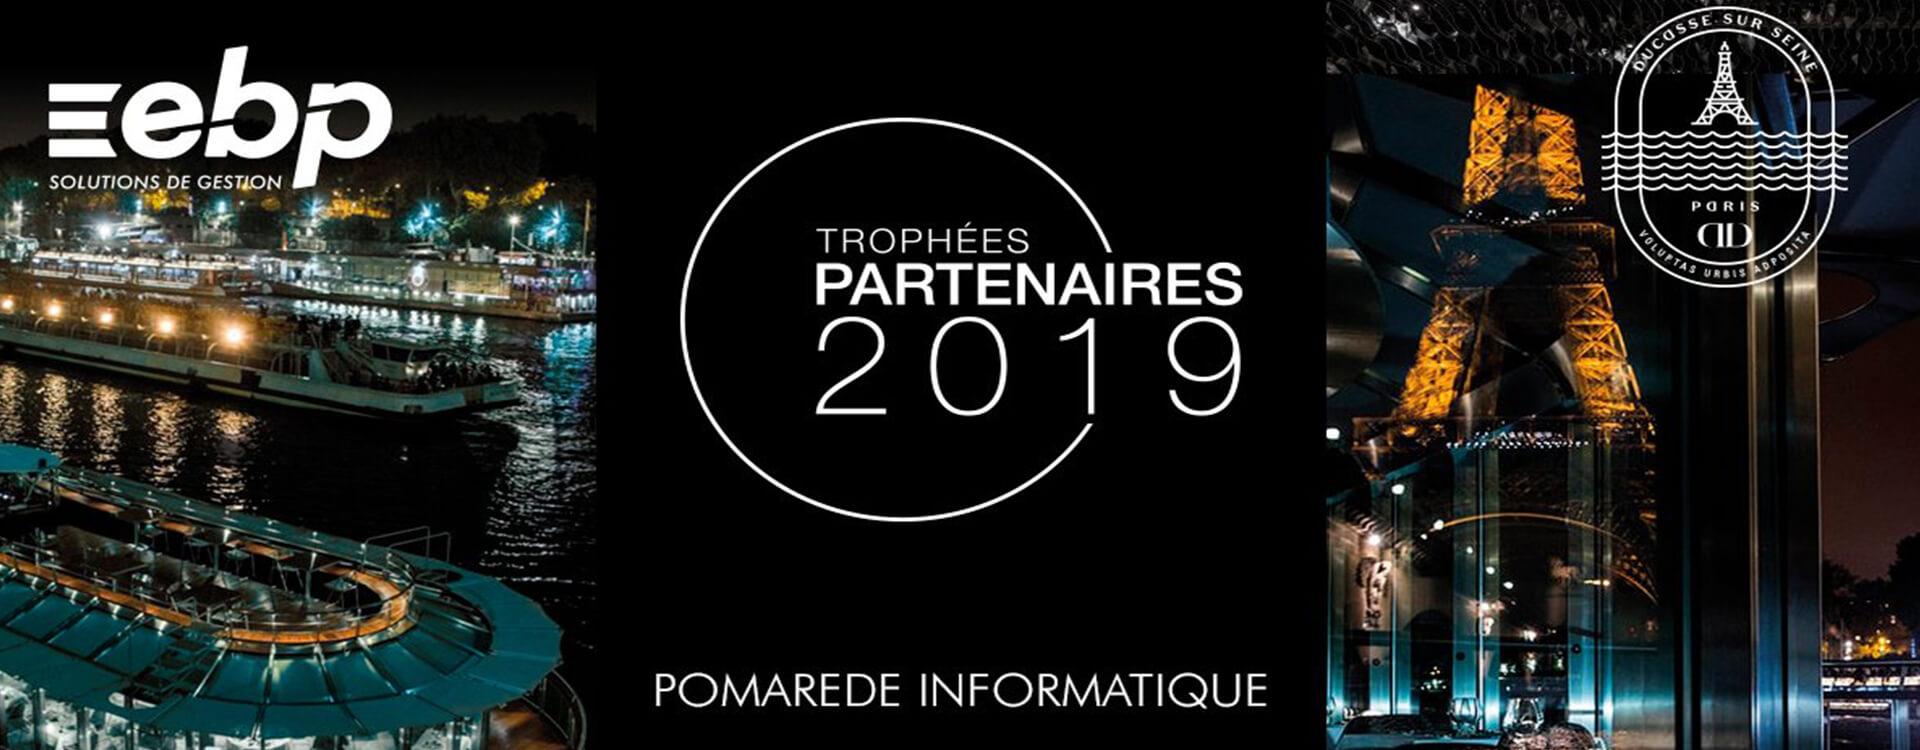 Pomarède Informatique - Trophées partenaires EBP 2019